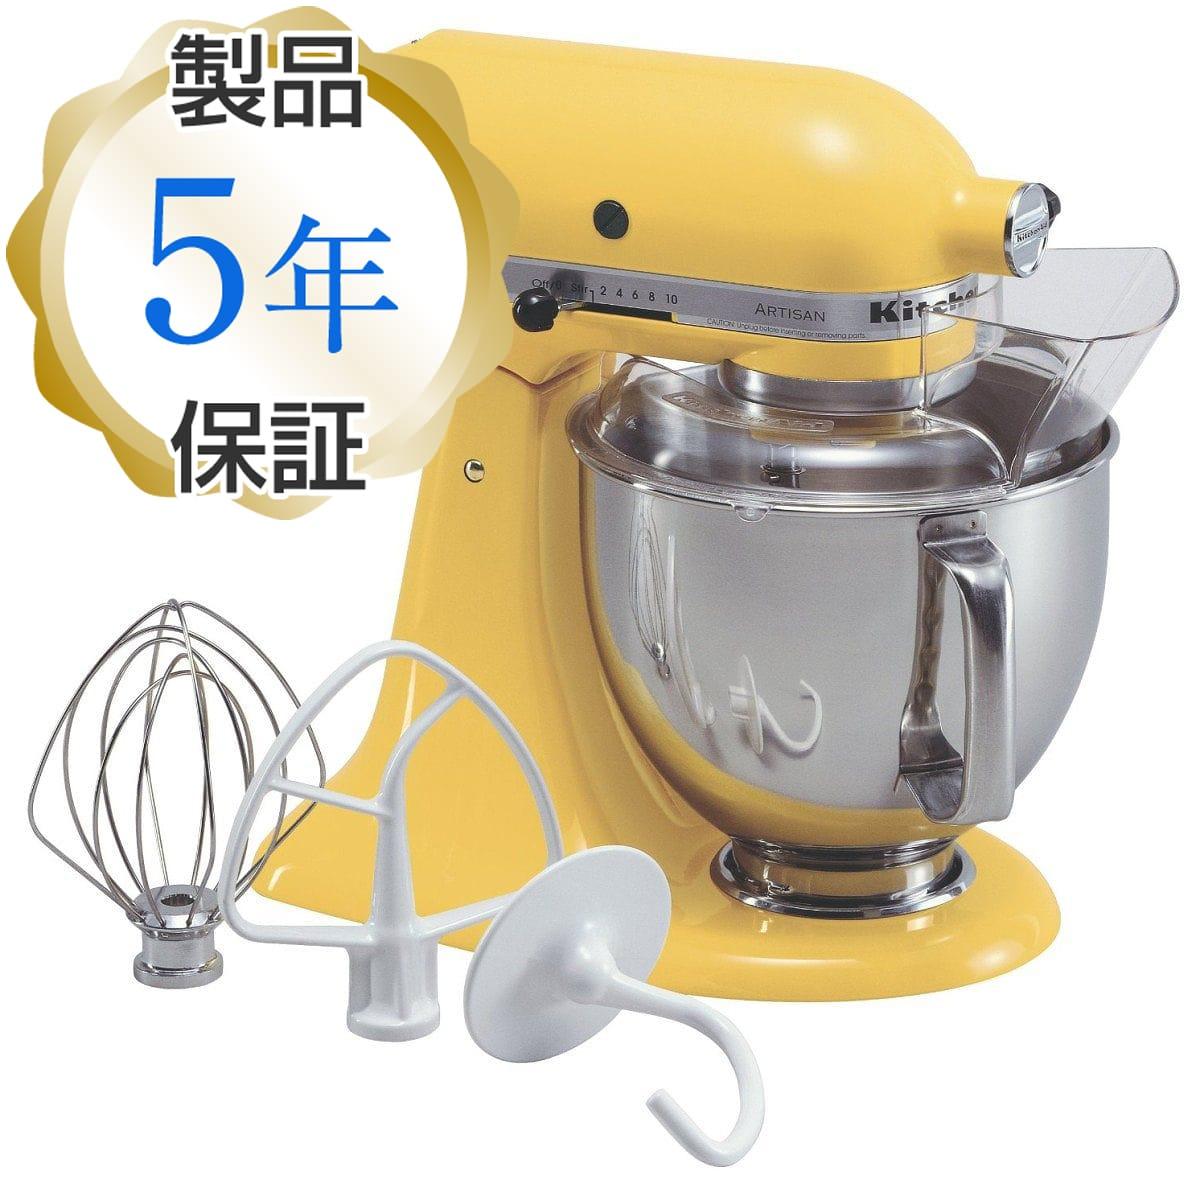 キッチンエイド スタンドミキサー アルチザン 4.8L バターカップ イエロー KitchenAid Artisan 5-Quart Stand Mixers KSM150PSBF Buttercup【日本語説明書付】 家電